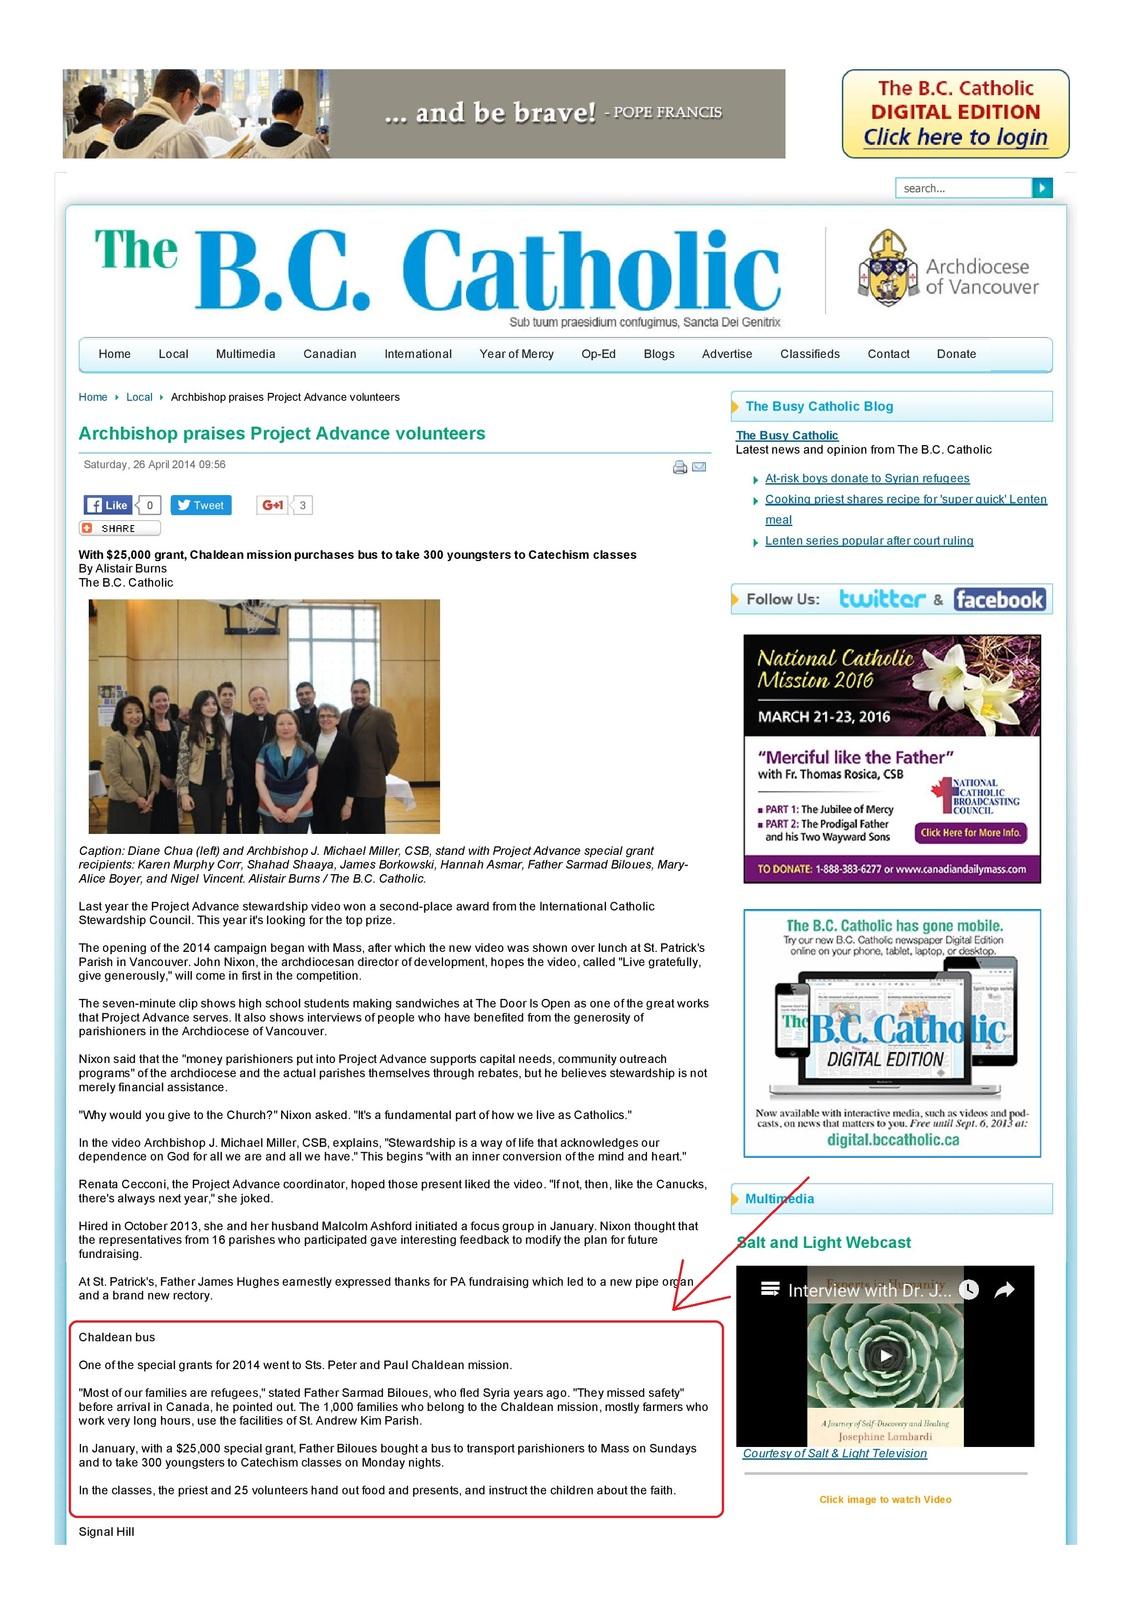 ماهي حقيقة الاموال التي جمعت لشراء باص الكنيسة الكلدانية في فانكوفر  ؟؟؟ /fouadnageb  Image